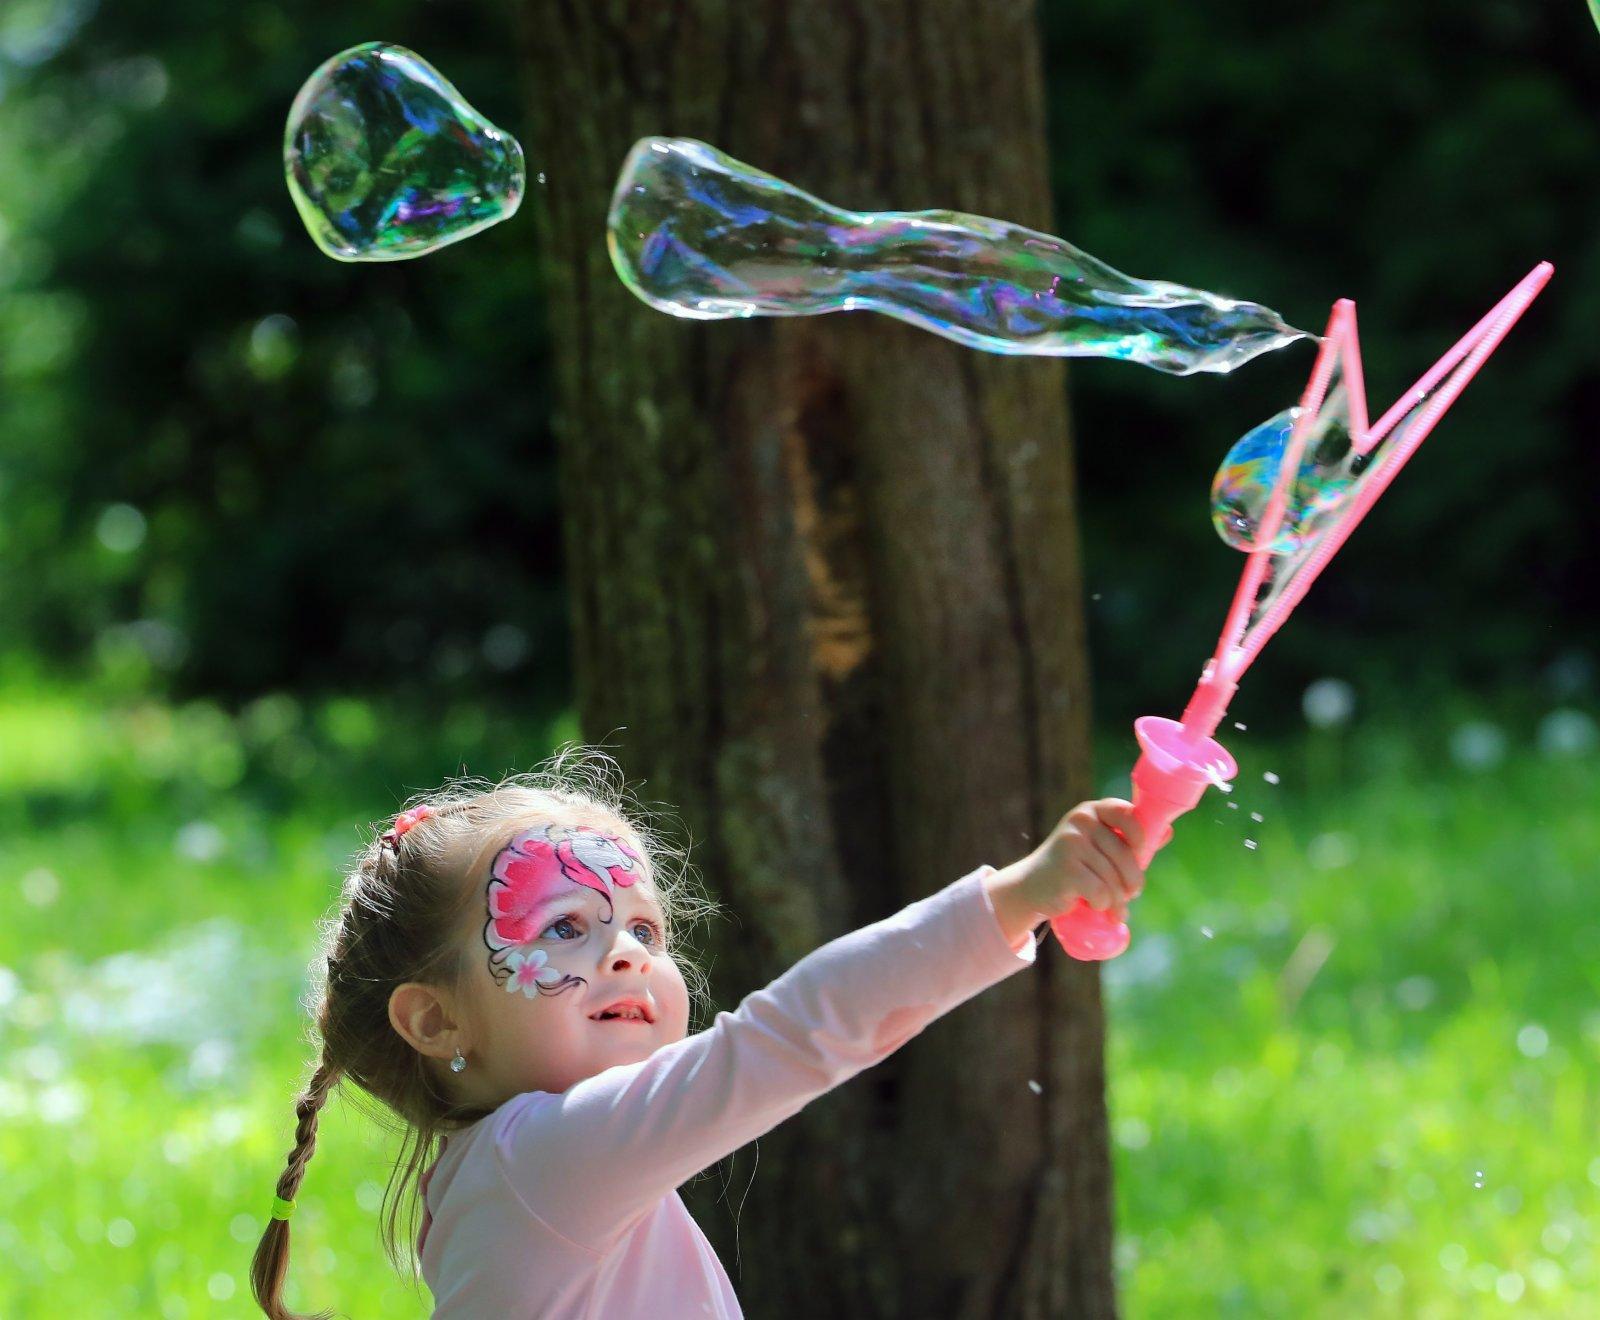 6月7日,一名女孩在白俄羅斯首都明斯克高爾基兒童公園玩肥皂泡。(新華社)